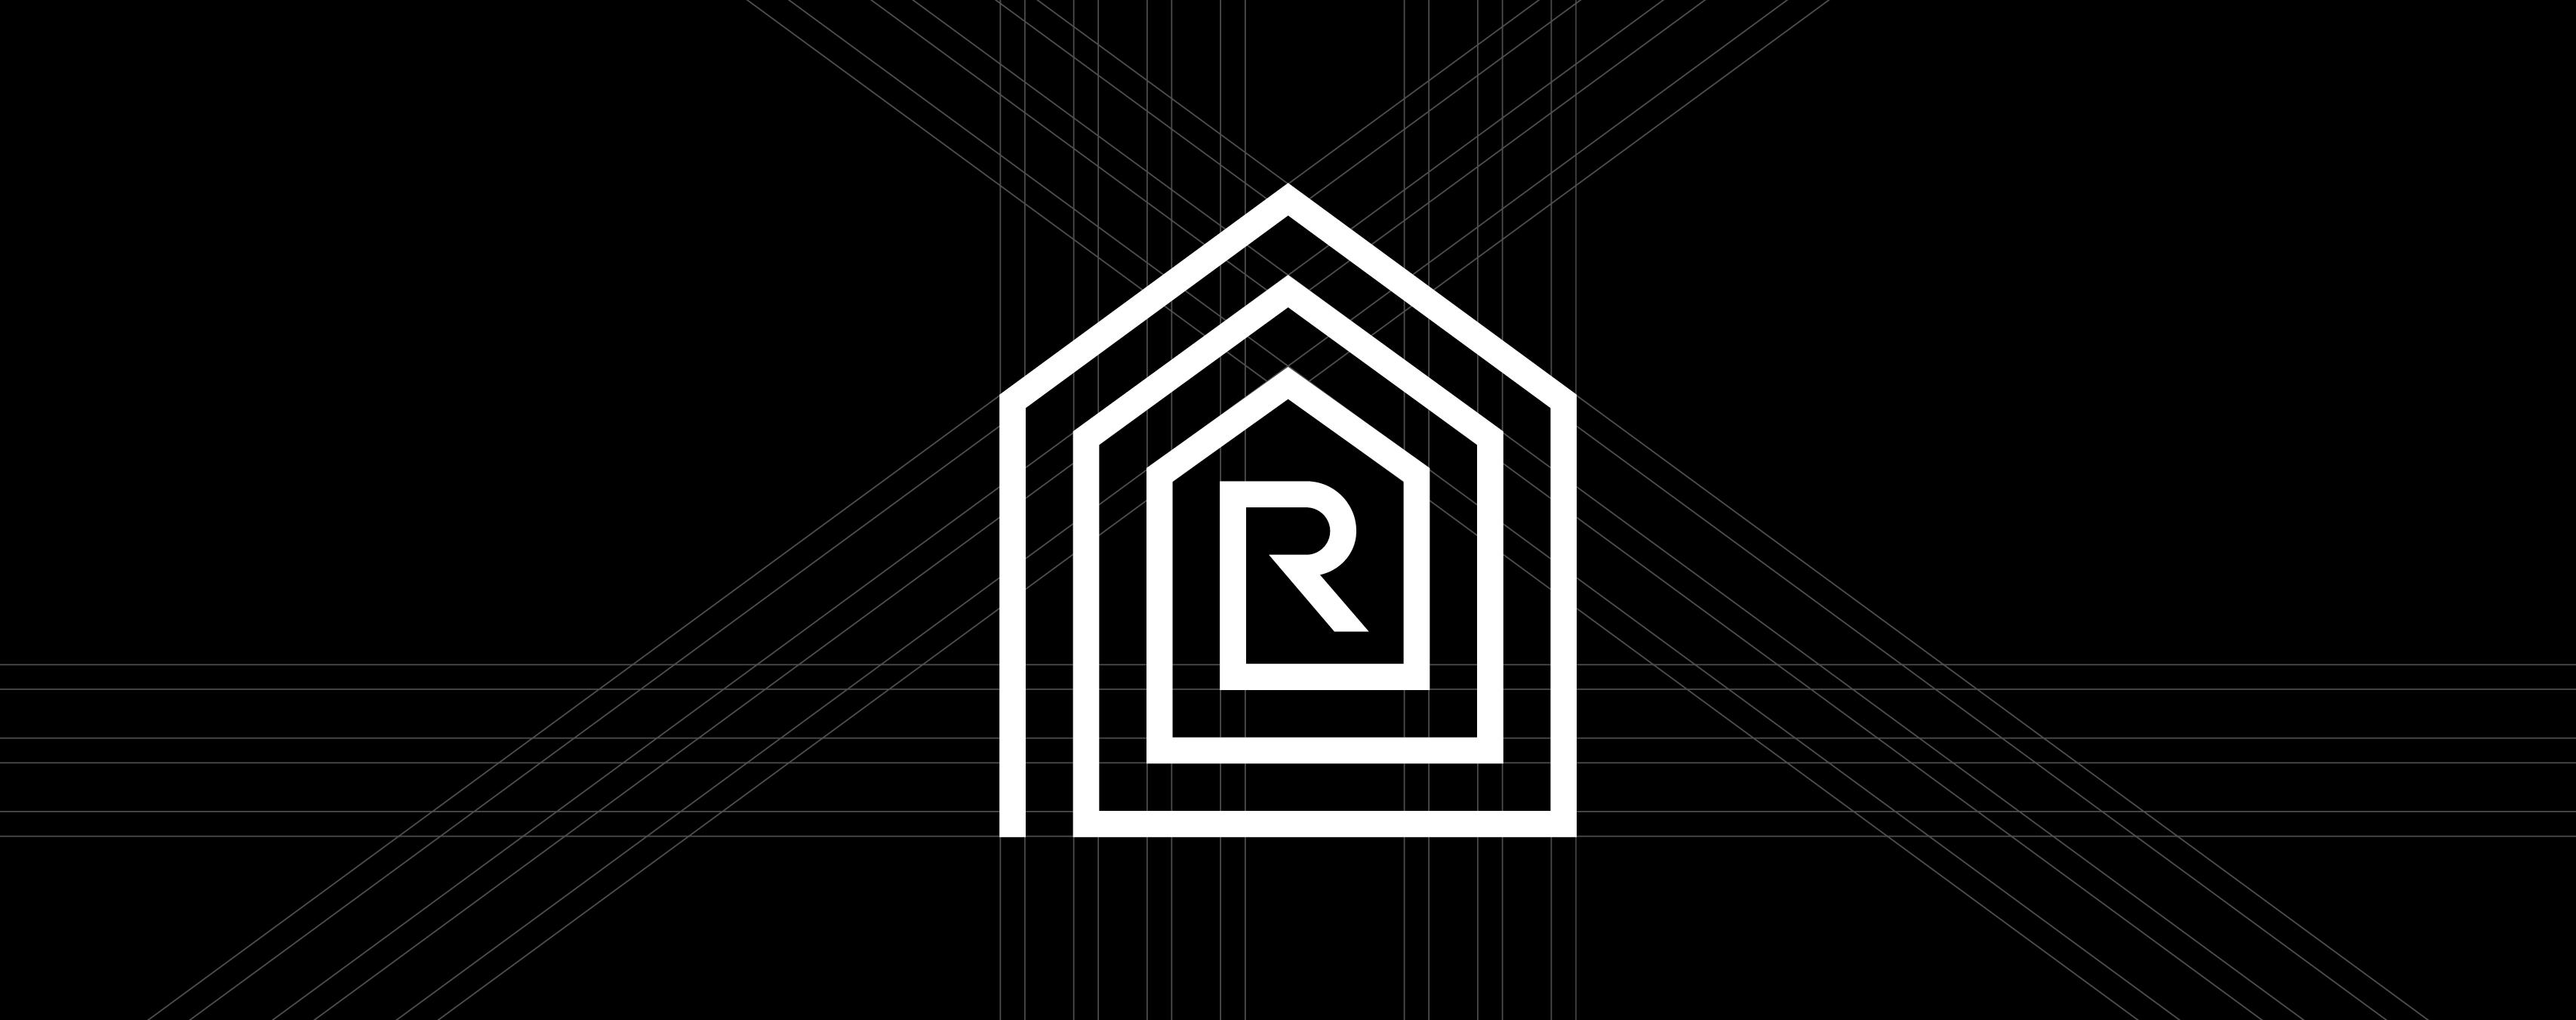 Logodesign und Signetentwicklung für Syno R GmbH, Hersteller von Vollholzhäusern im Allgäu